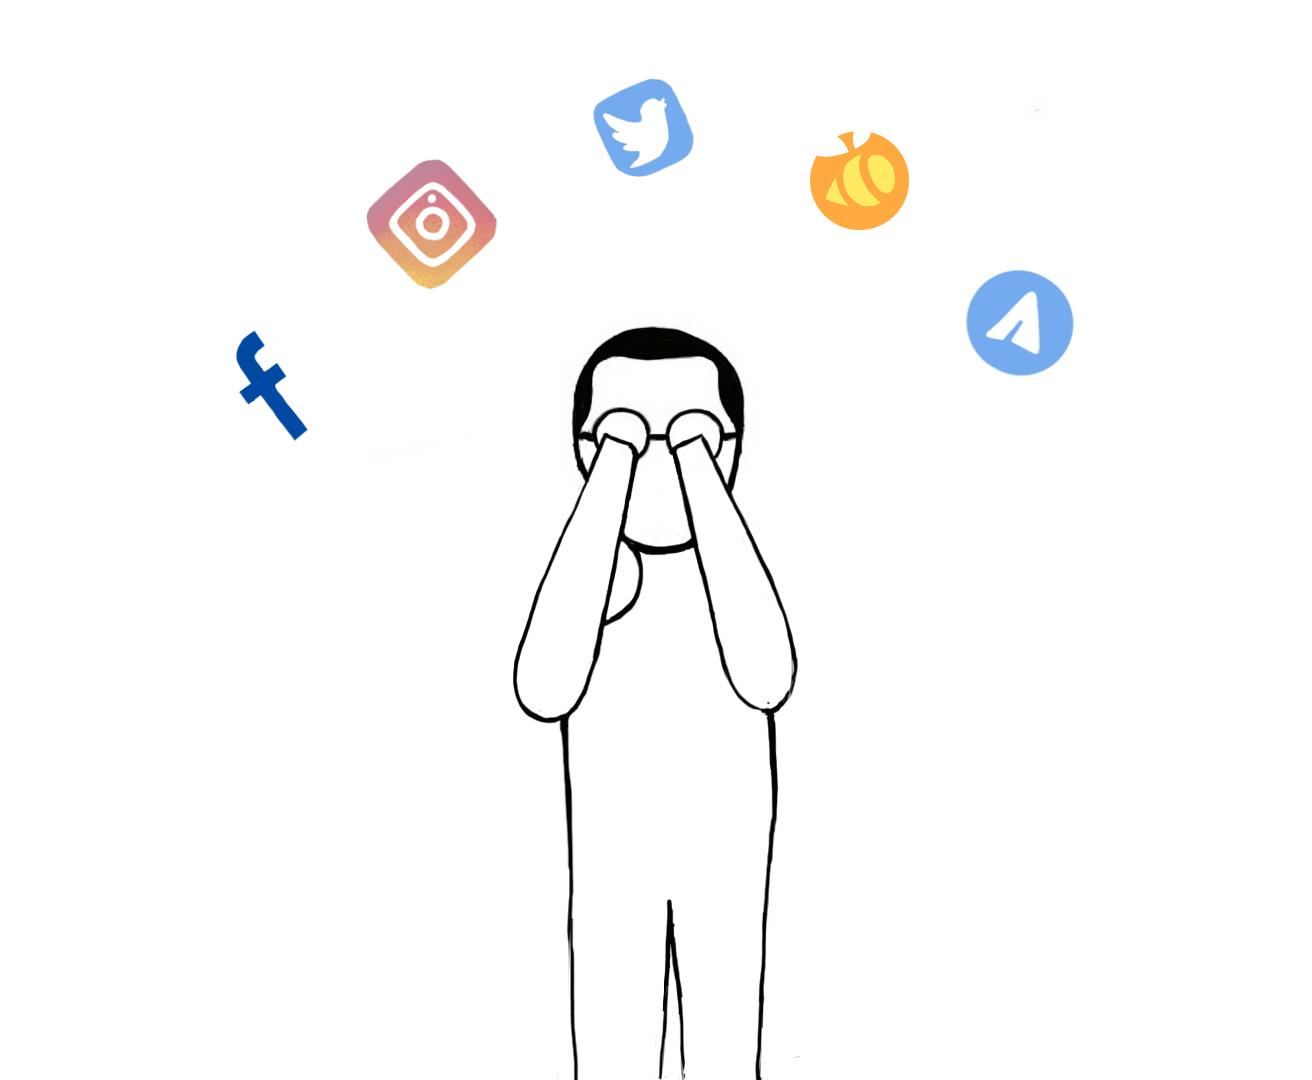 اینترنت خاطرات ما را گروگان میگیرد؛ فراموشی بدون فراموشی